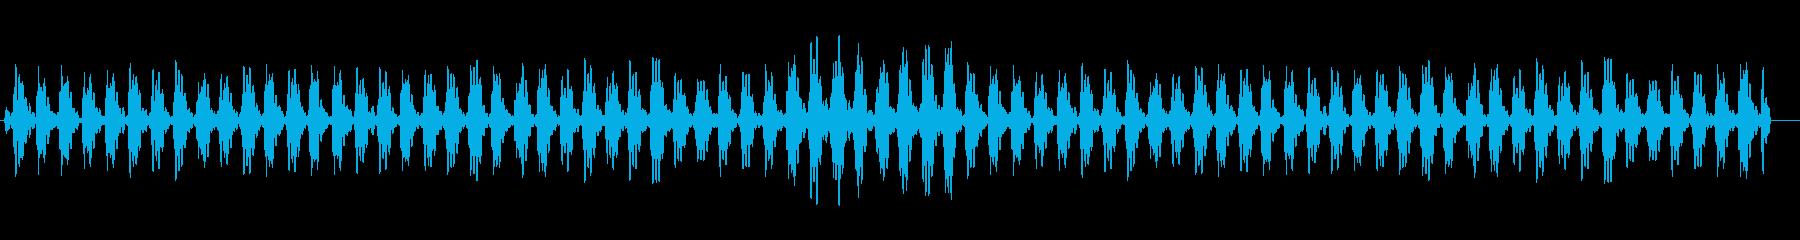 高原でアイドリングで信号待ちしている音の再生済みの波形